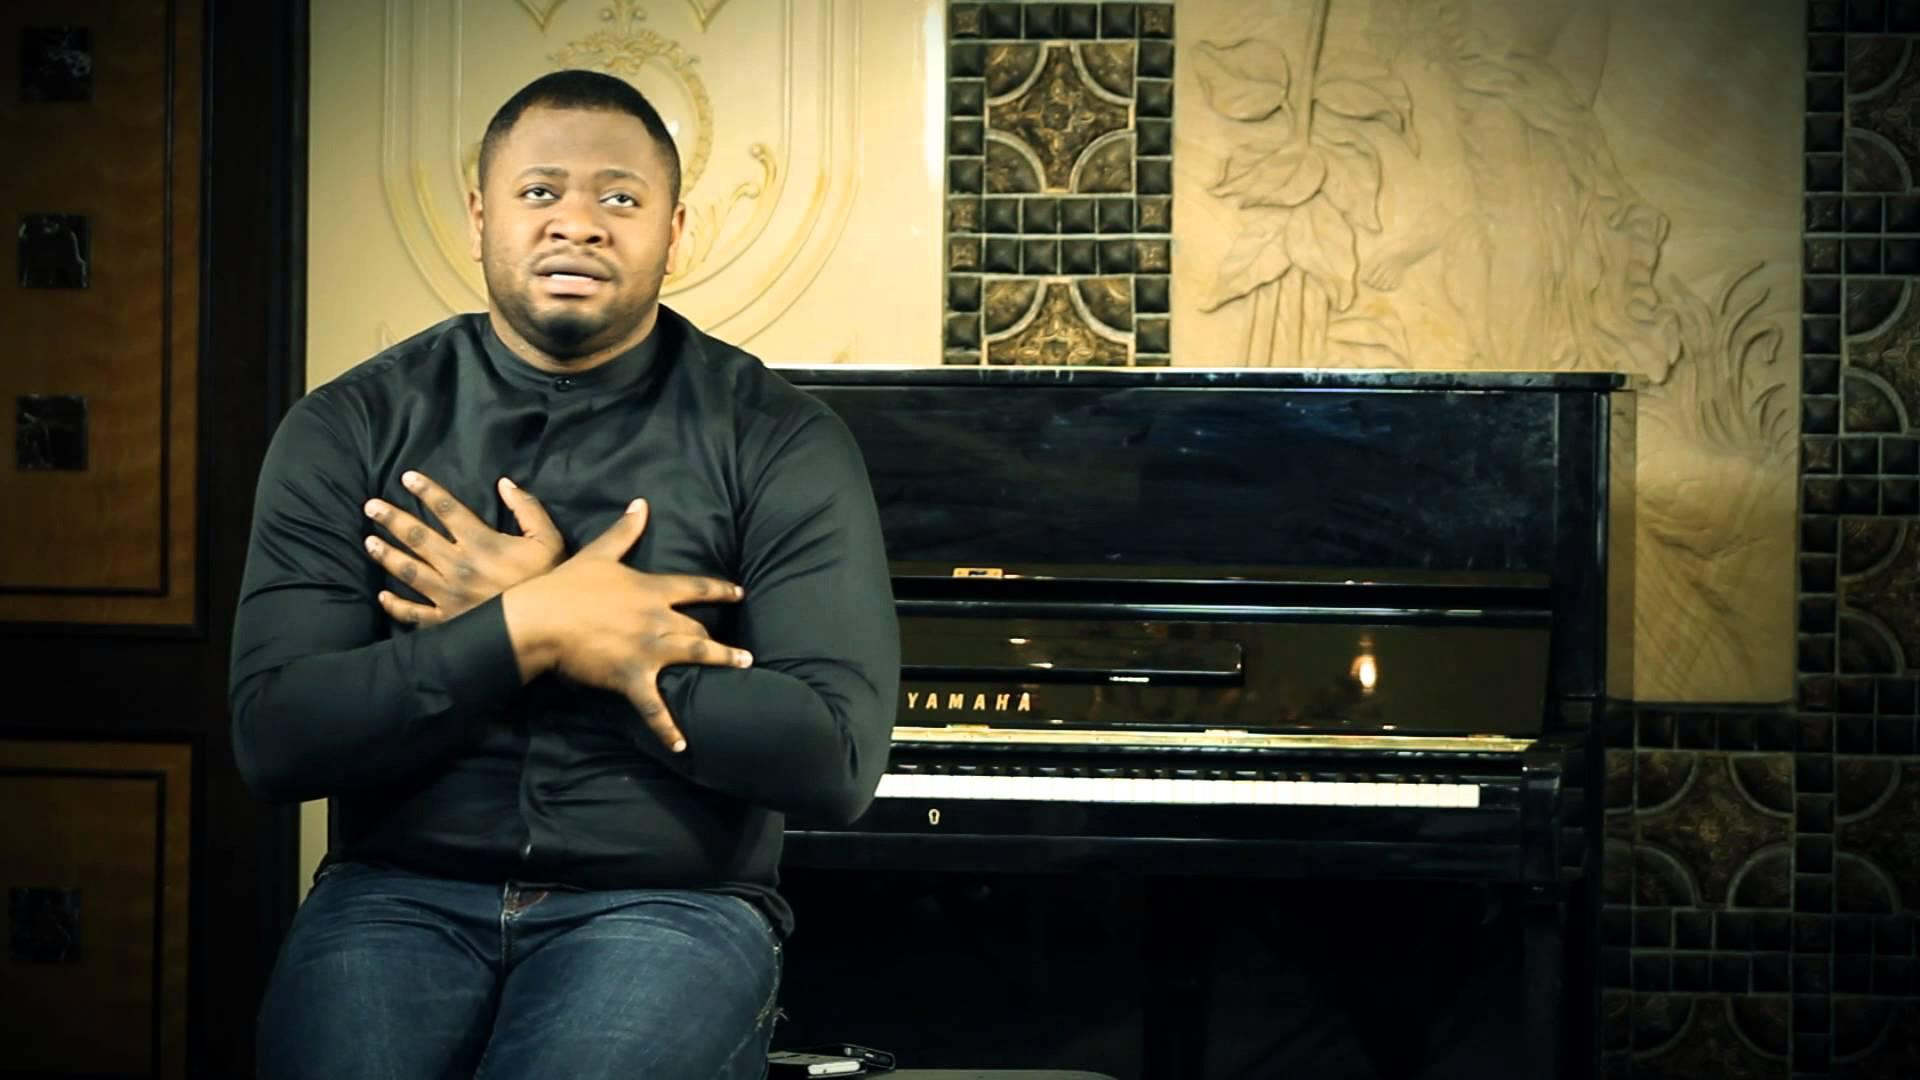 Le pasteur Moise Mbiye serait possédé par un adorateur de Geugeu ?